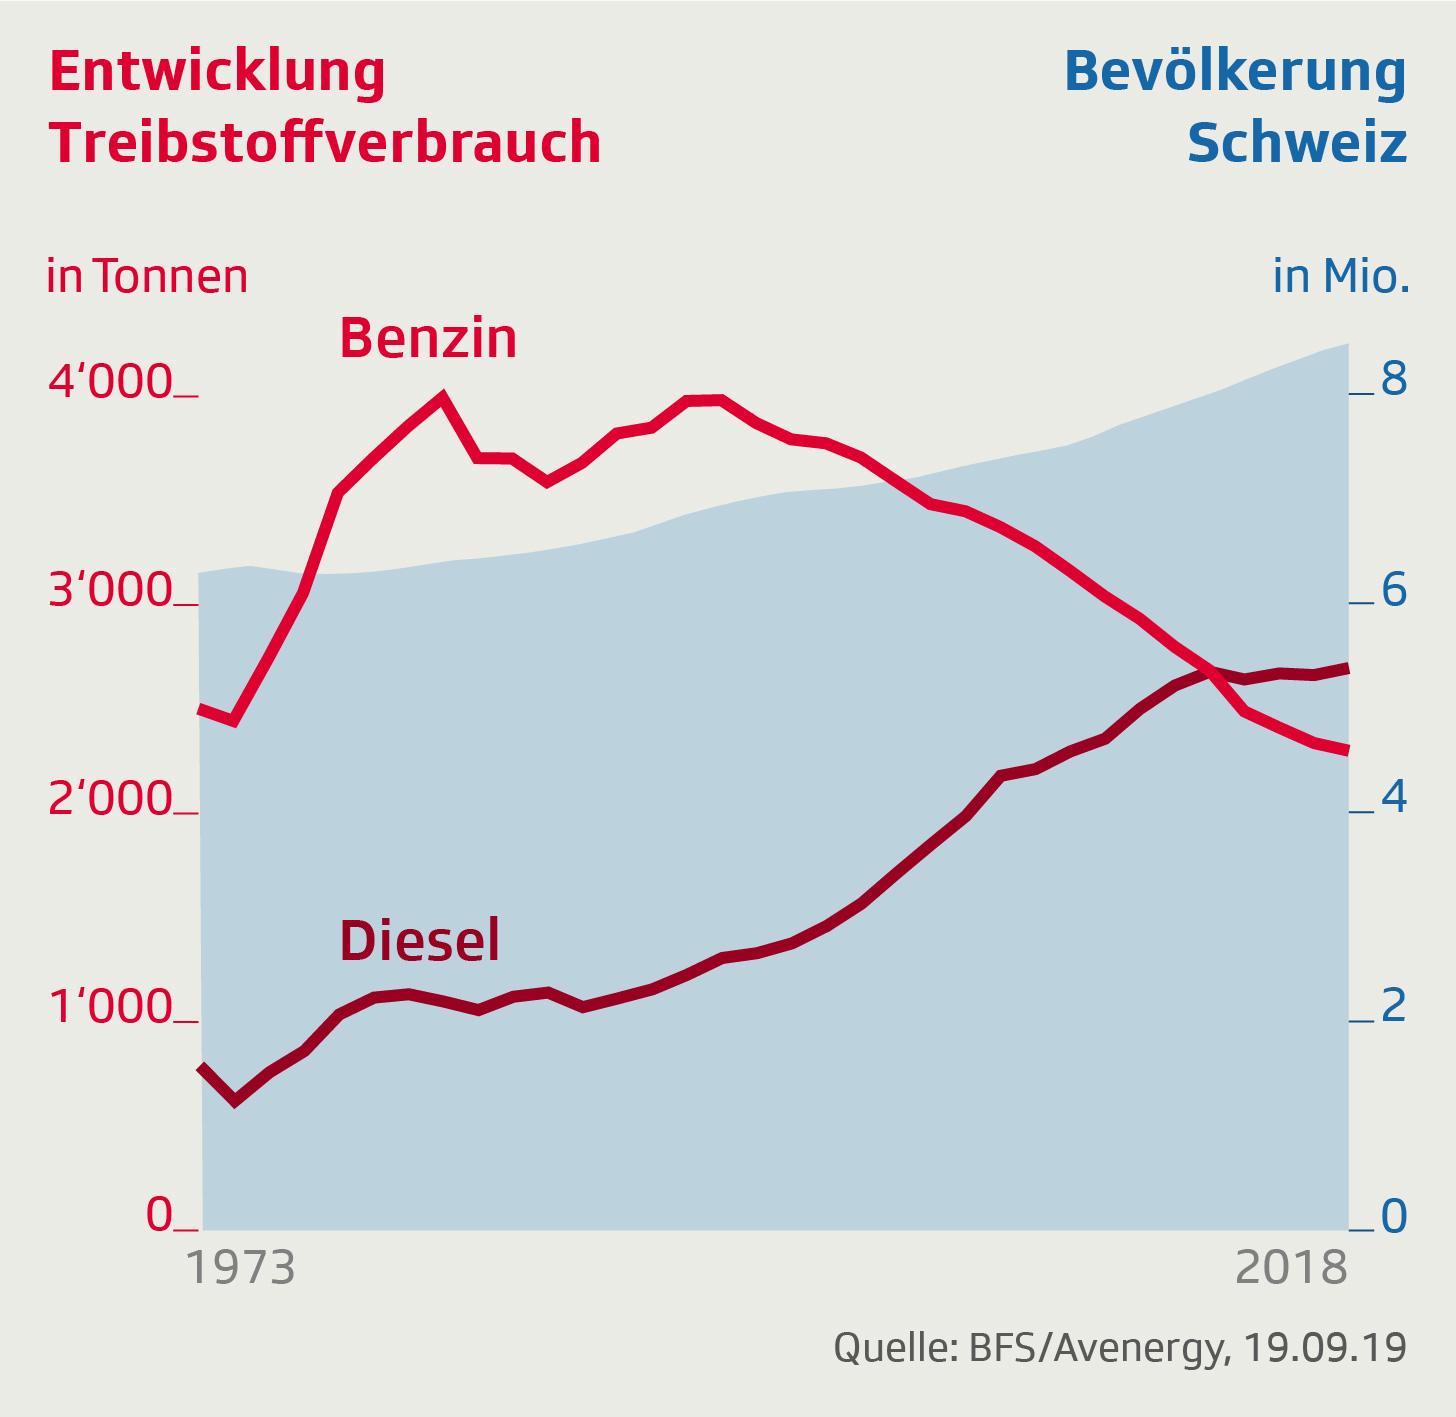 Entwicklung Treibstoffverbrauch